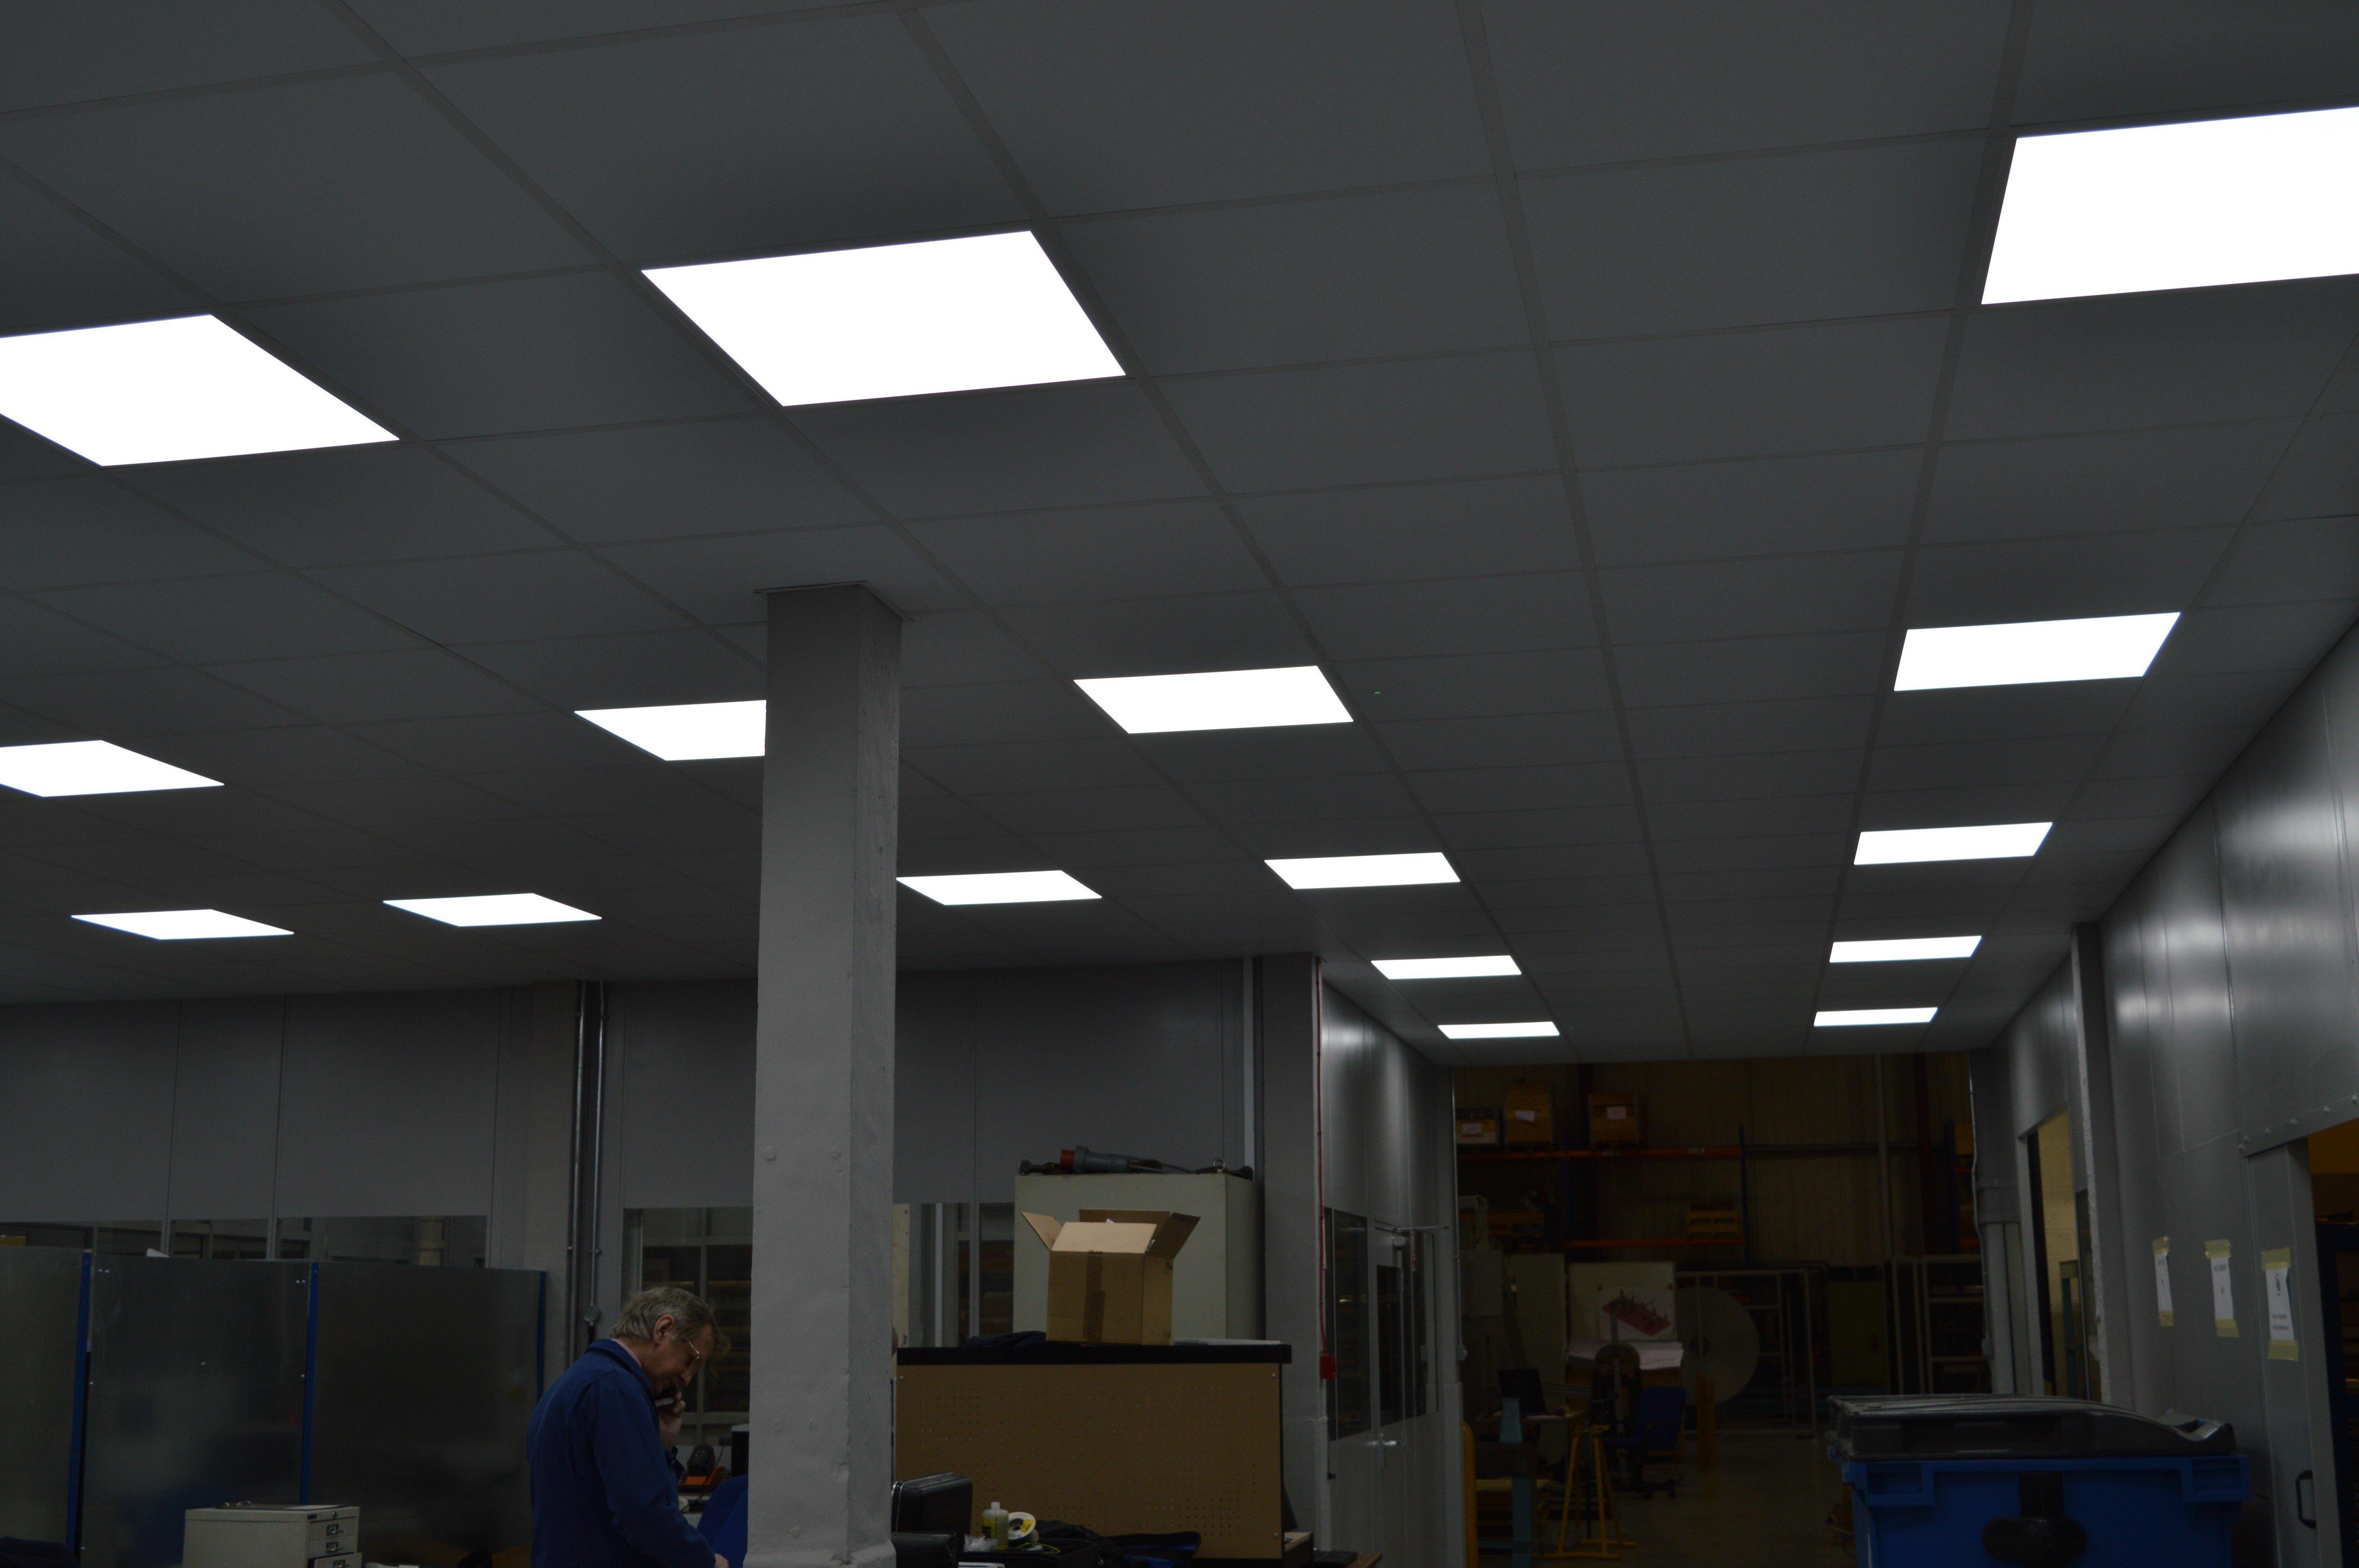 Illuminated suspended ceiling